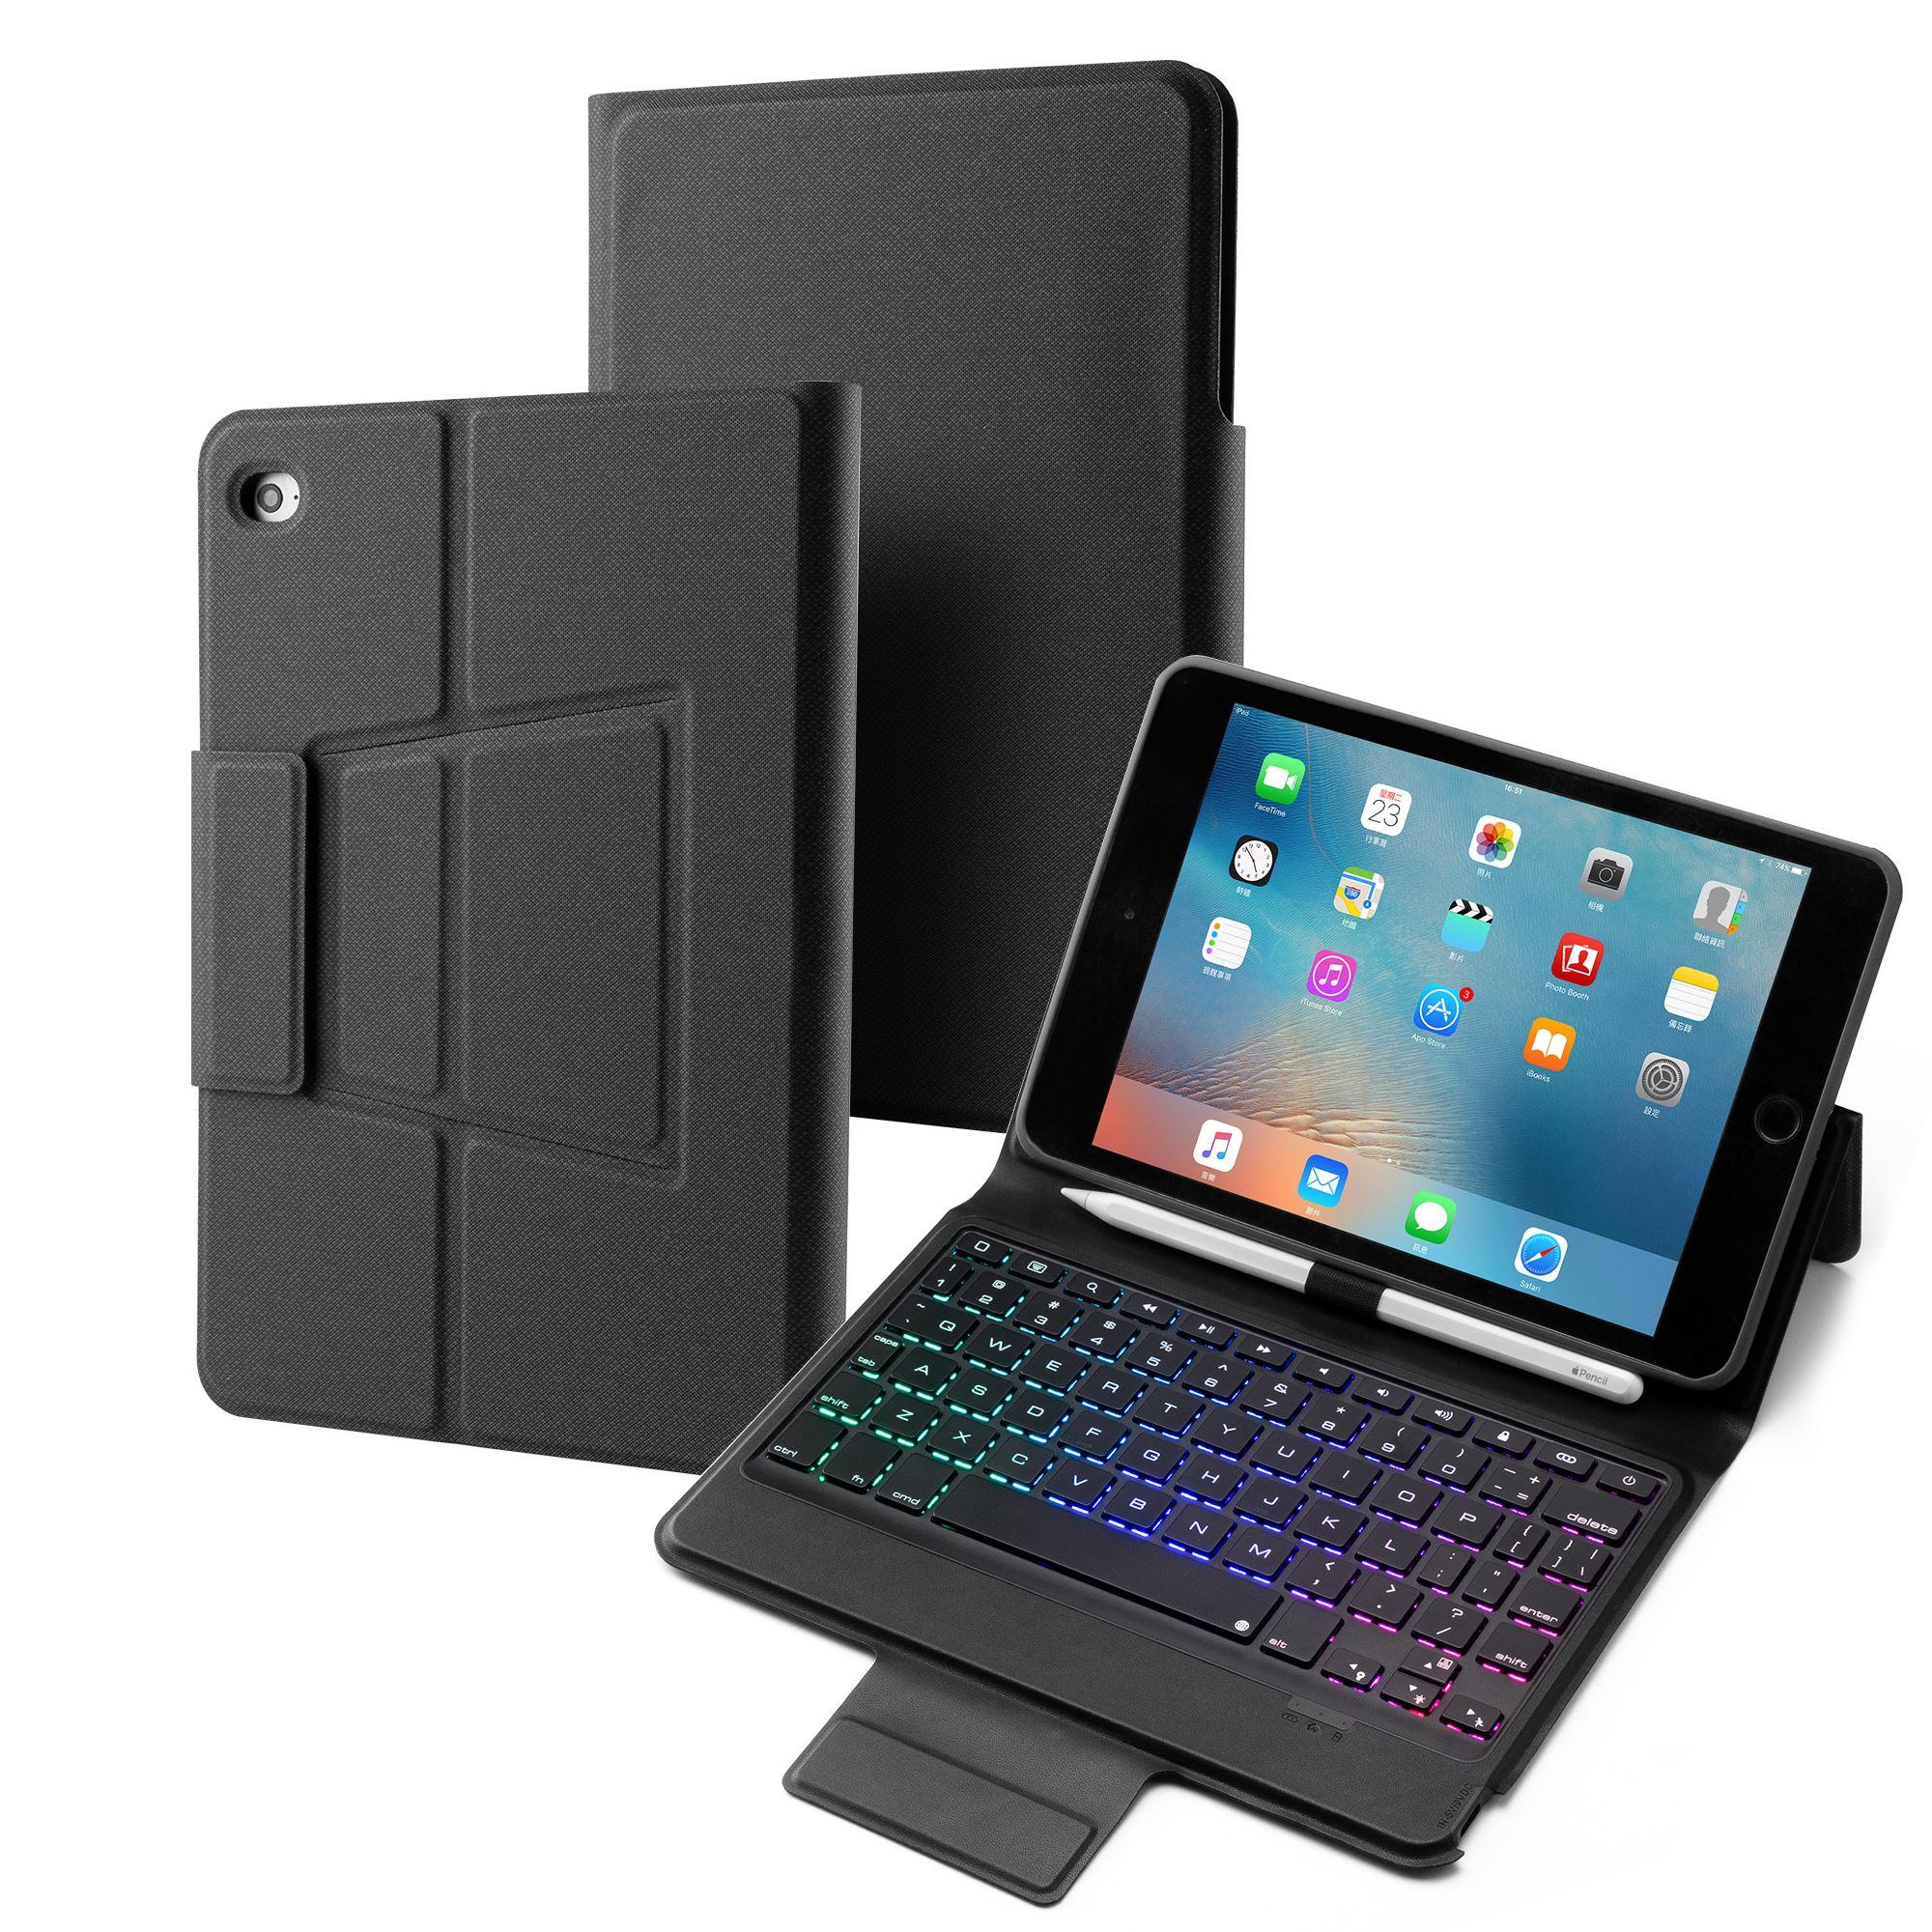 7 couleurs rétro-éclairage étui pour iPad Mini 5 Mini 4/iPad Mini 2019 tablette Bluetooth clavier étui en cuir ensemble avec support porte-stylo